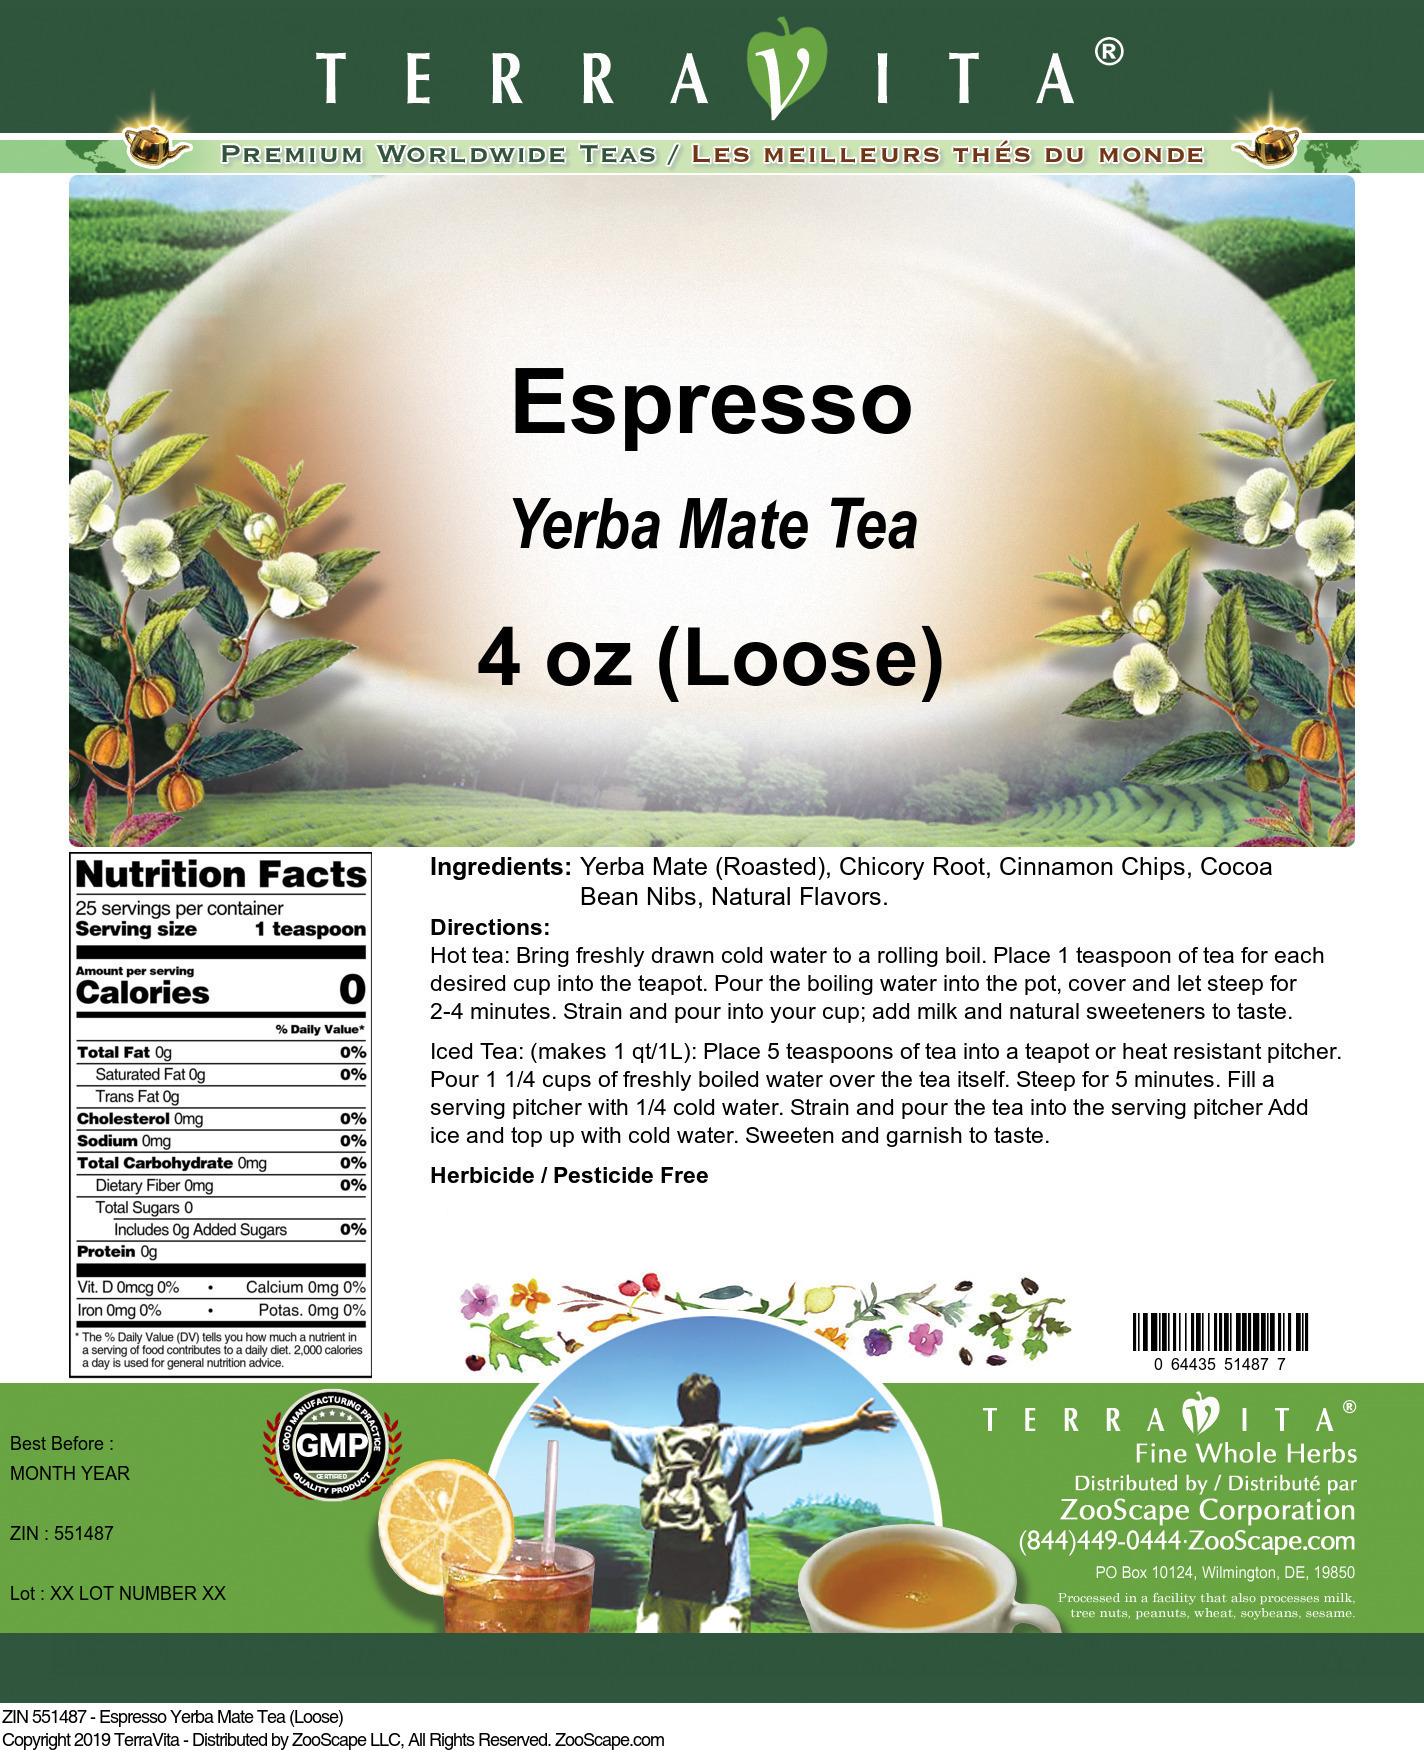 Espresso Yerba Mate